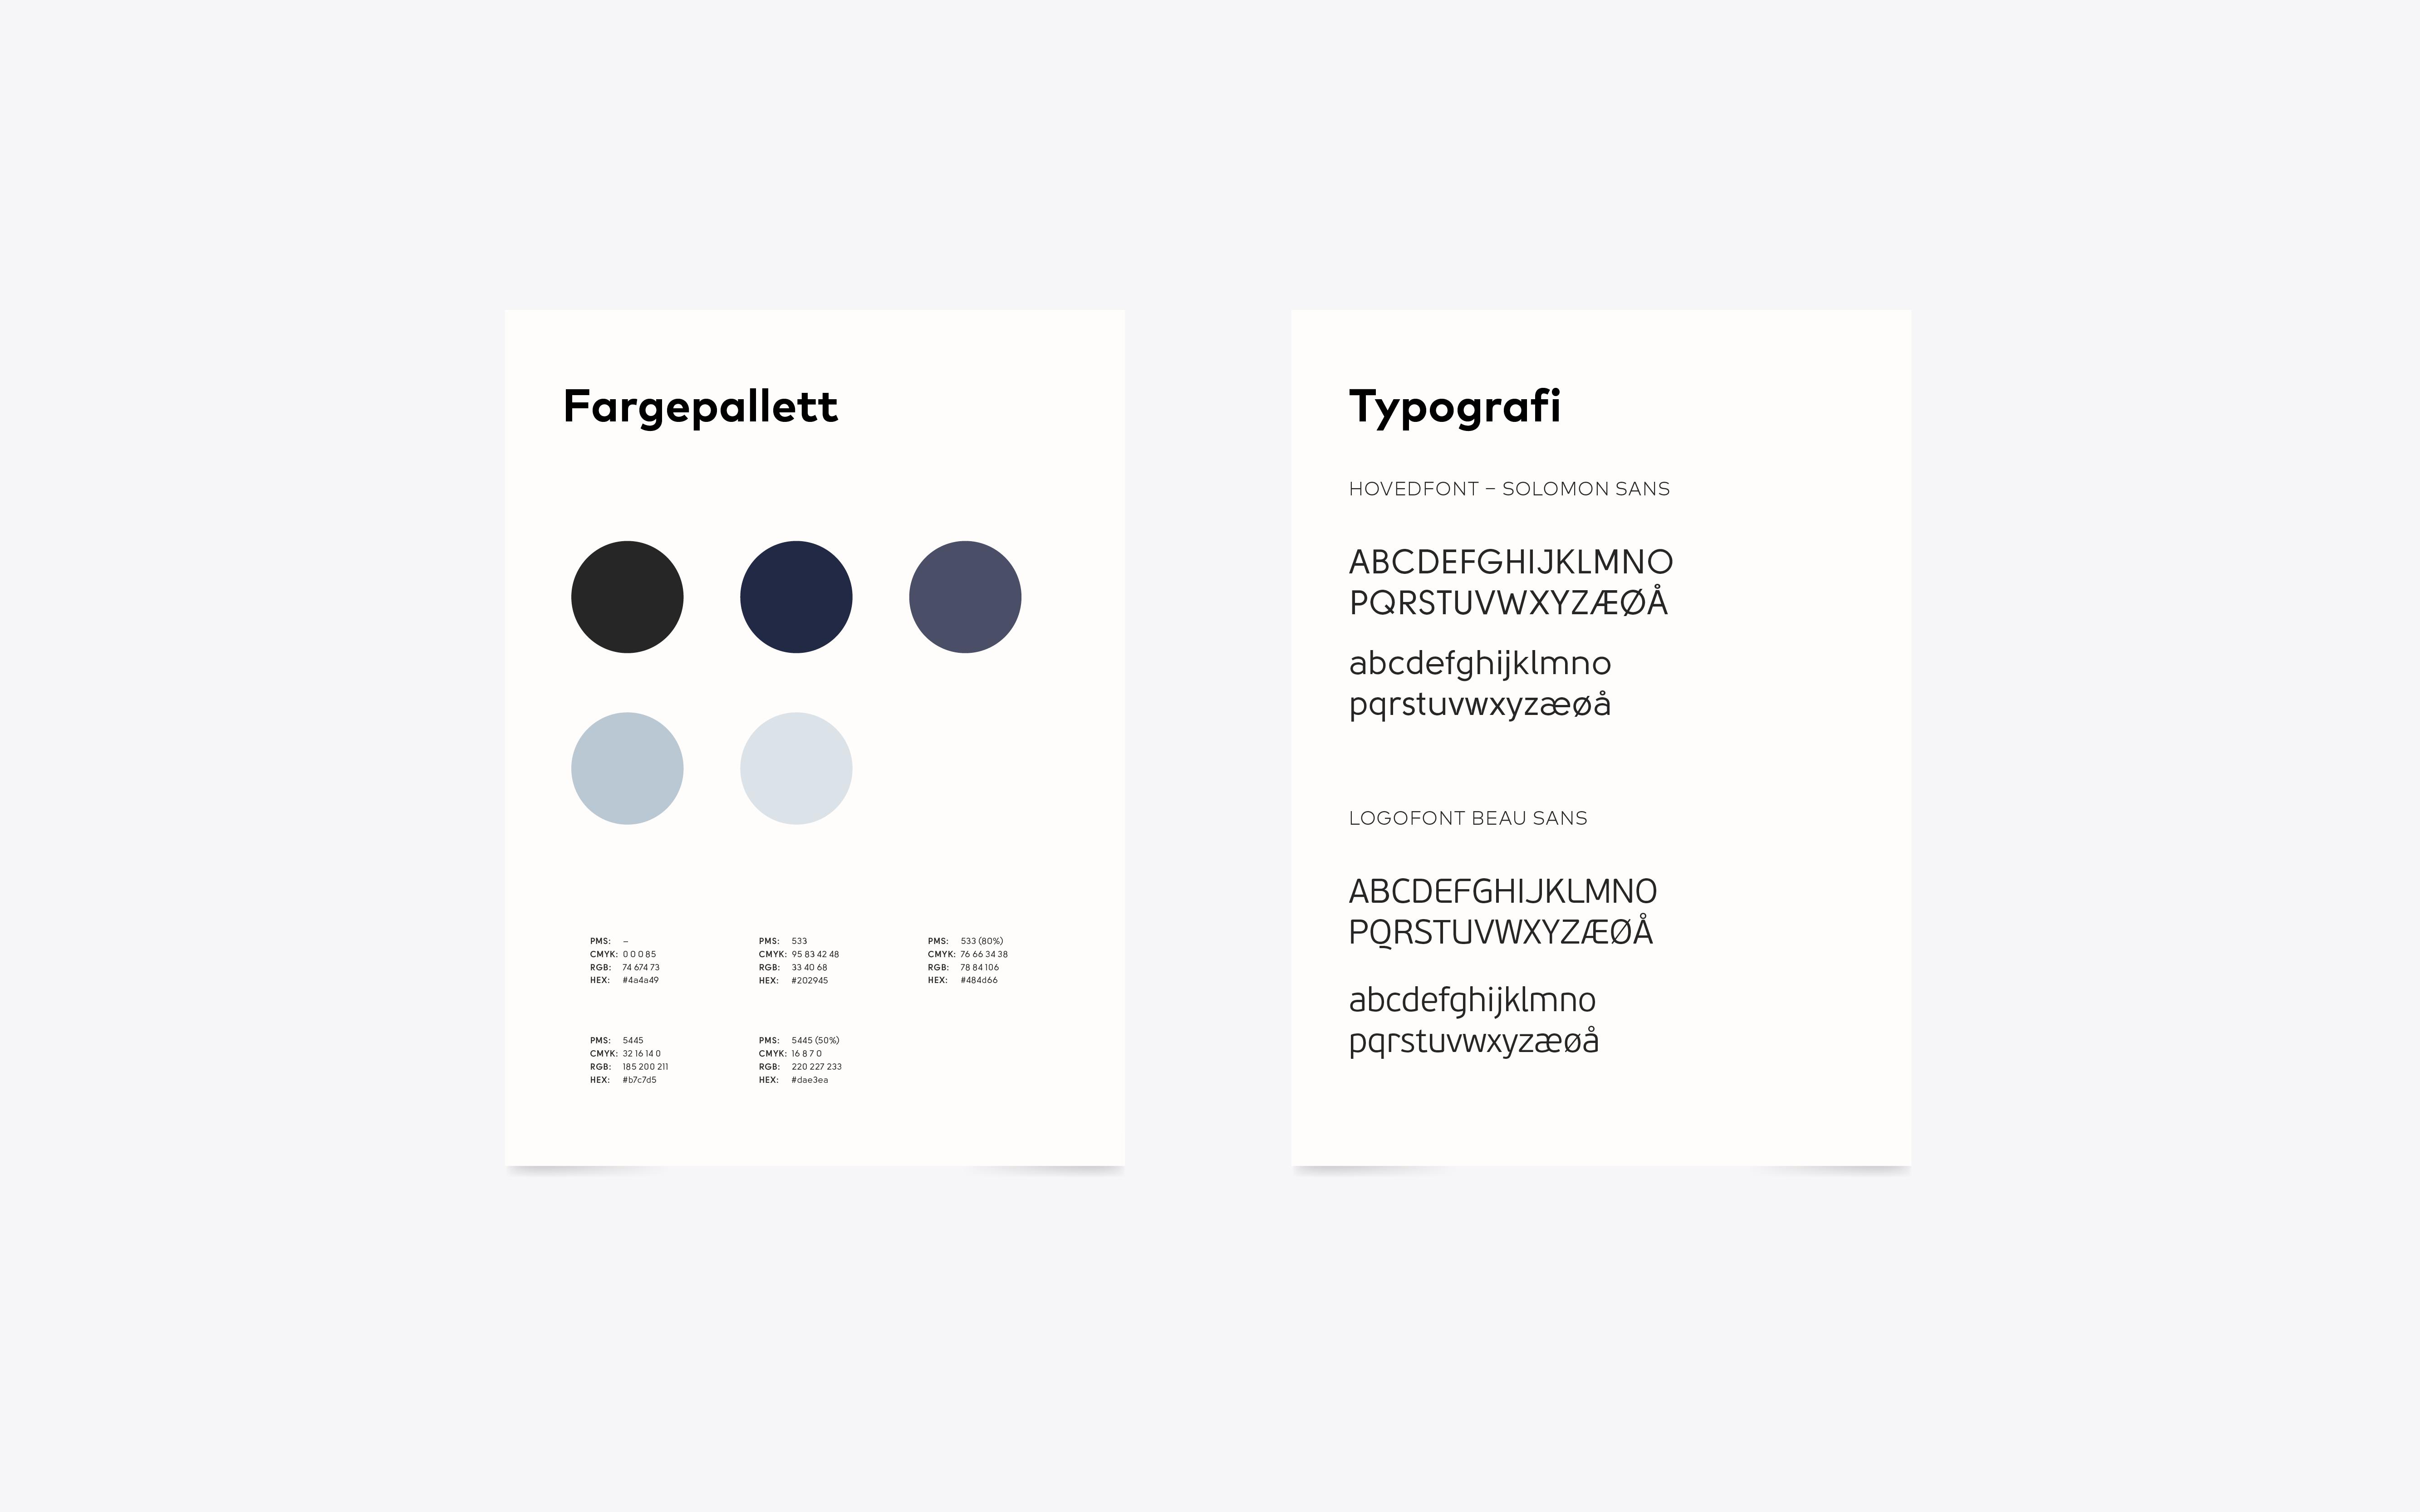 ePlast farger og typografi